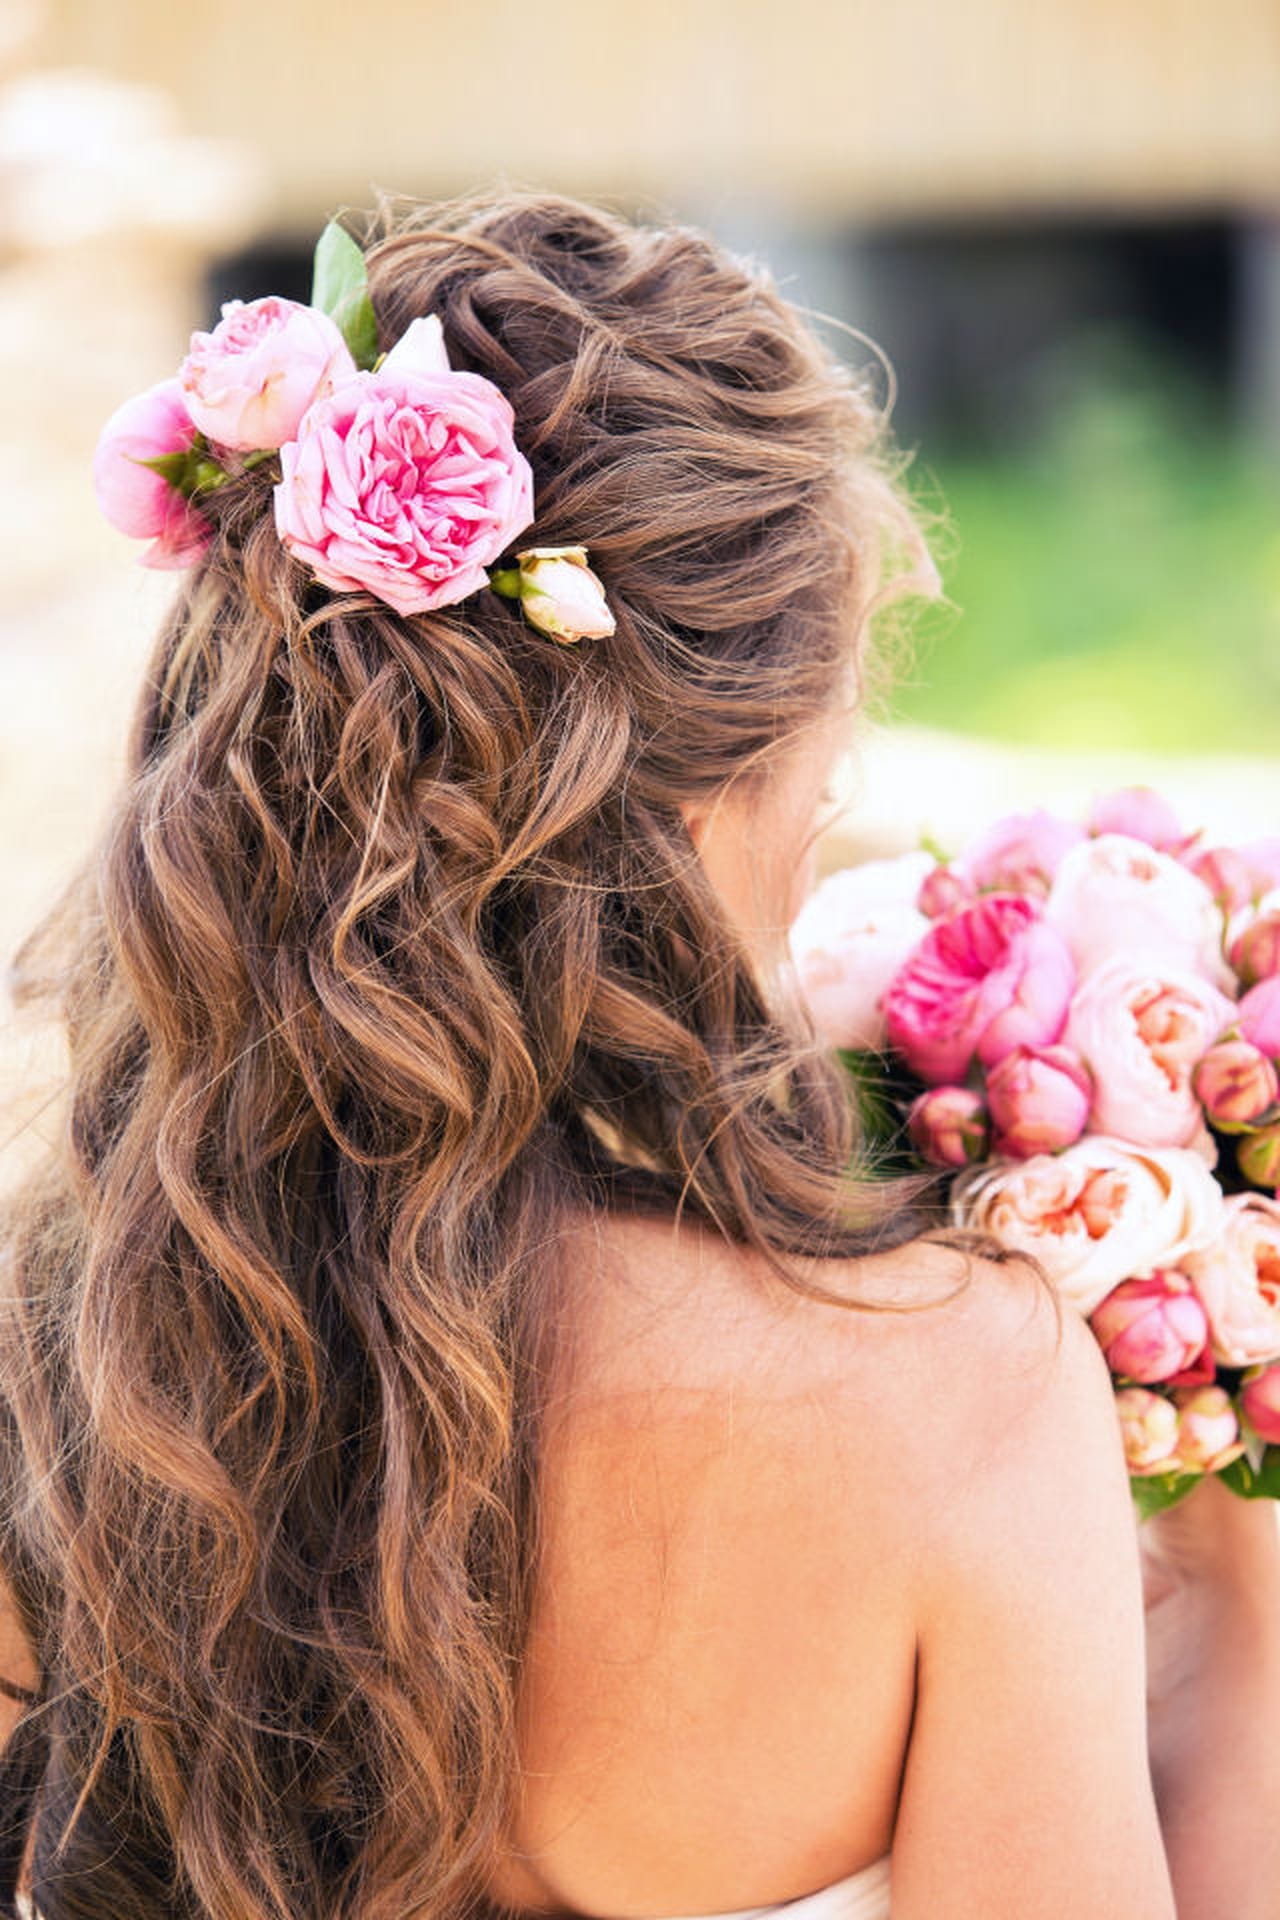 b4fbbf7538be Acconciature con fiori  le idee più belle